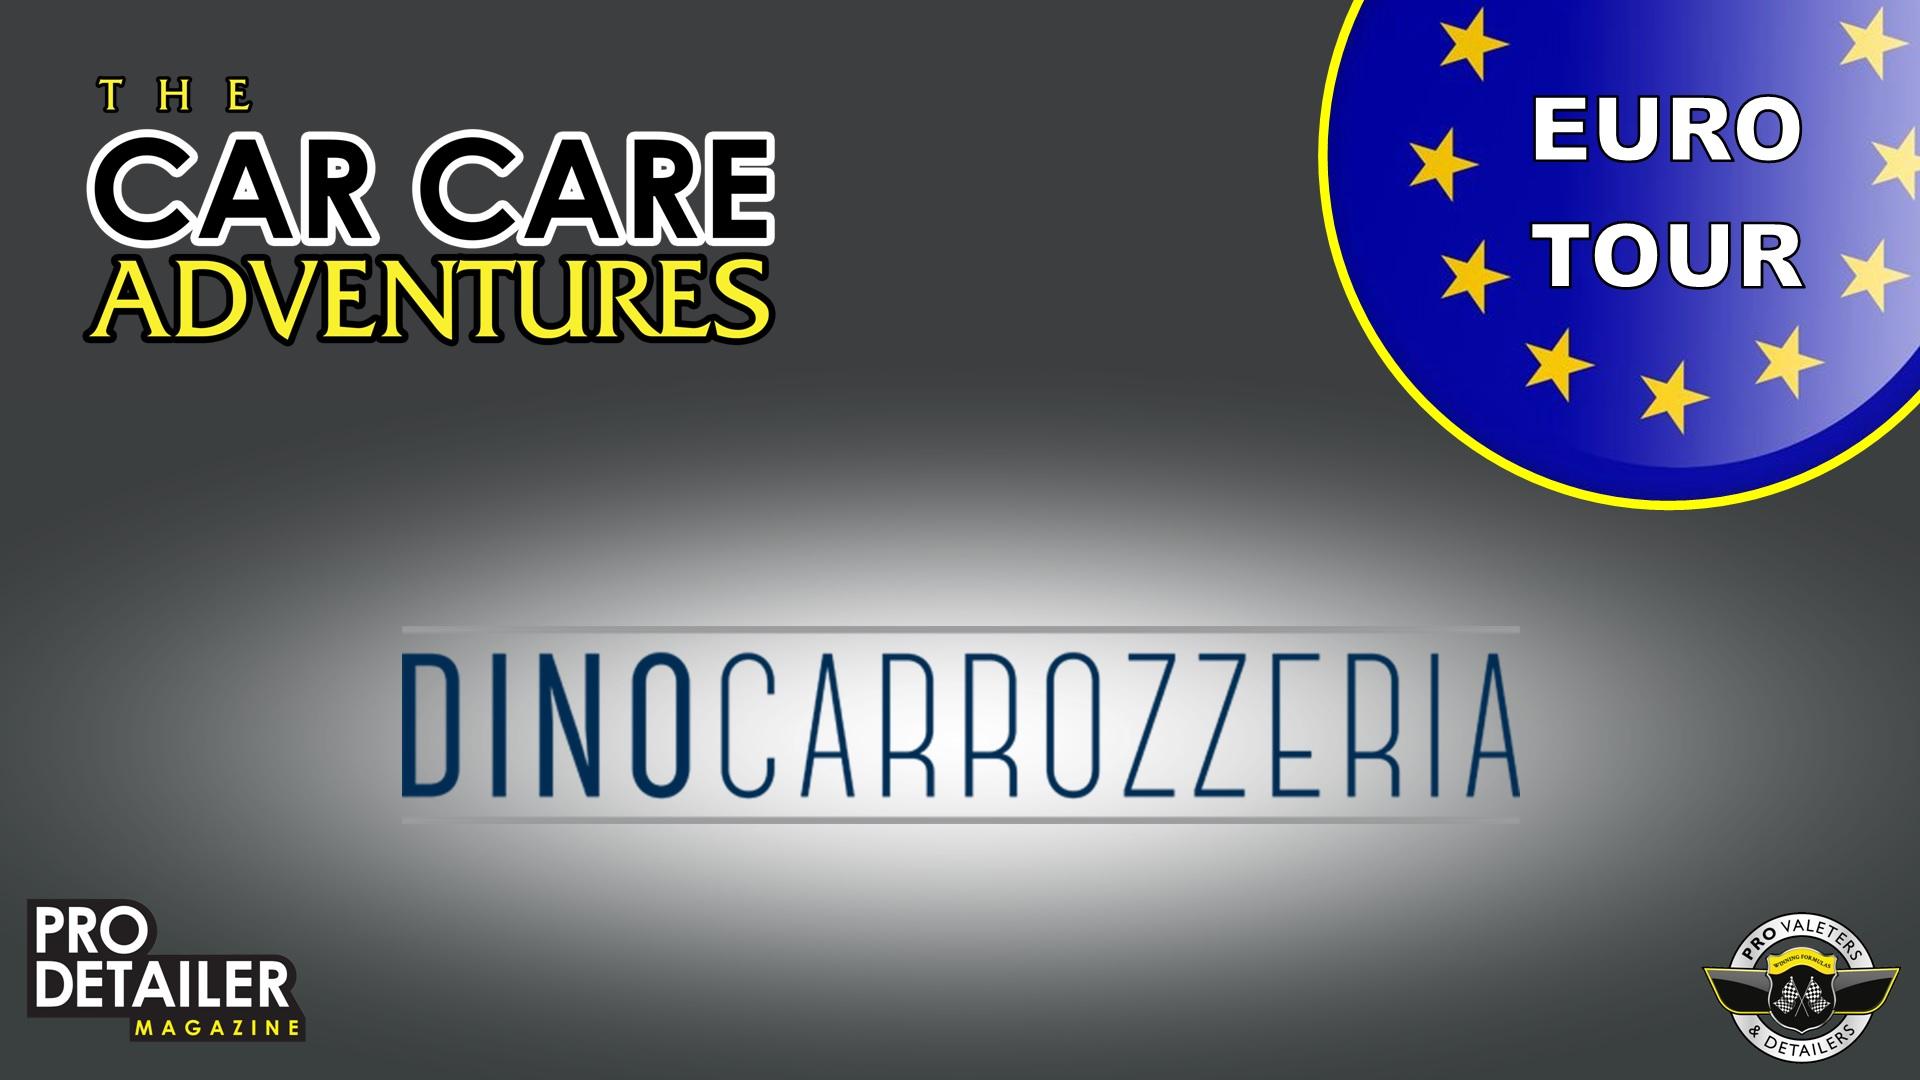 Dino Carrozzeria - Euro Tour - Part 2